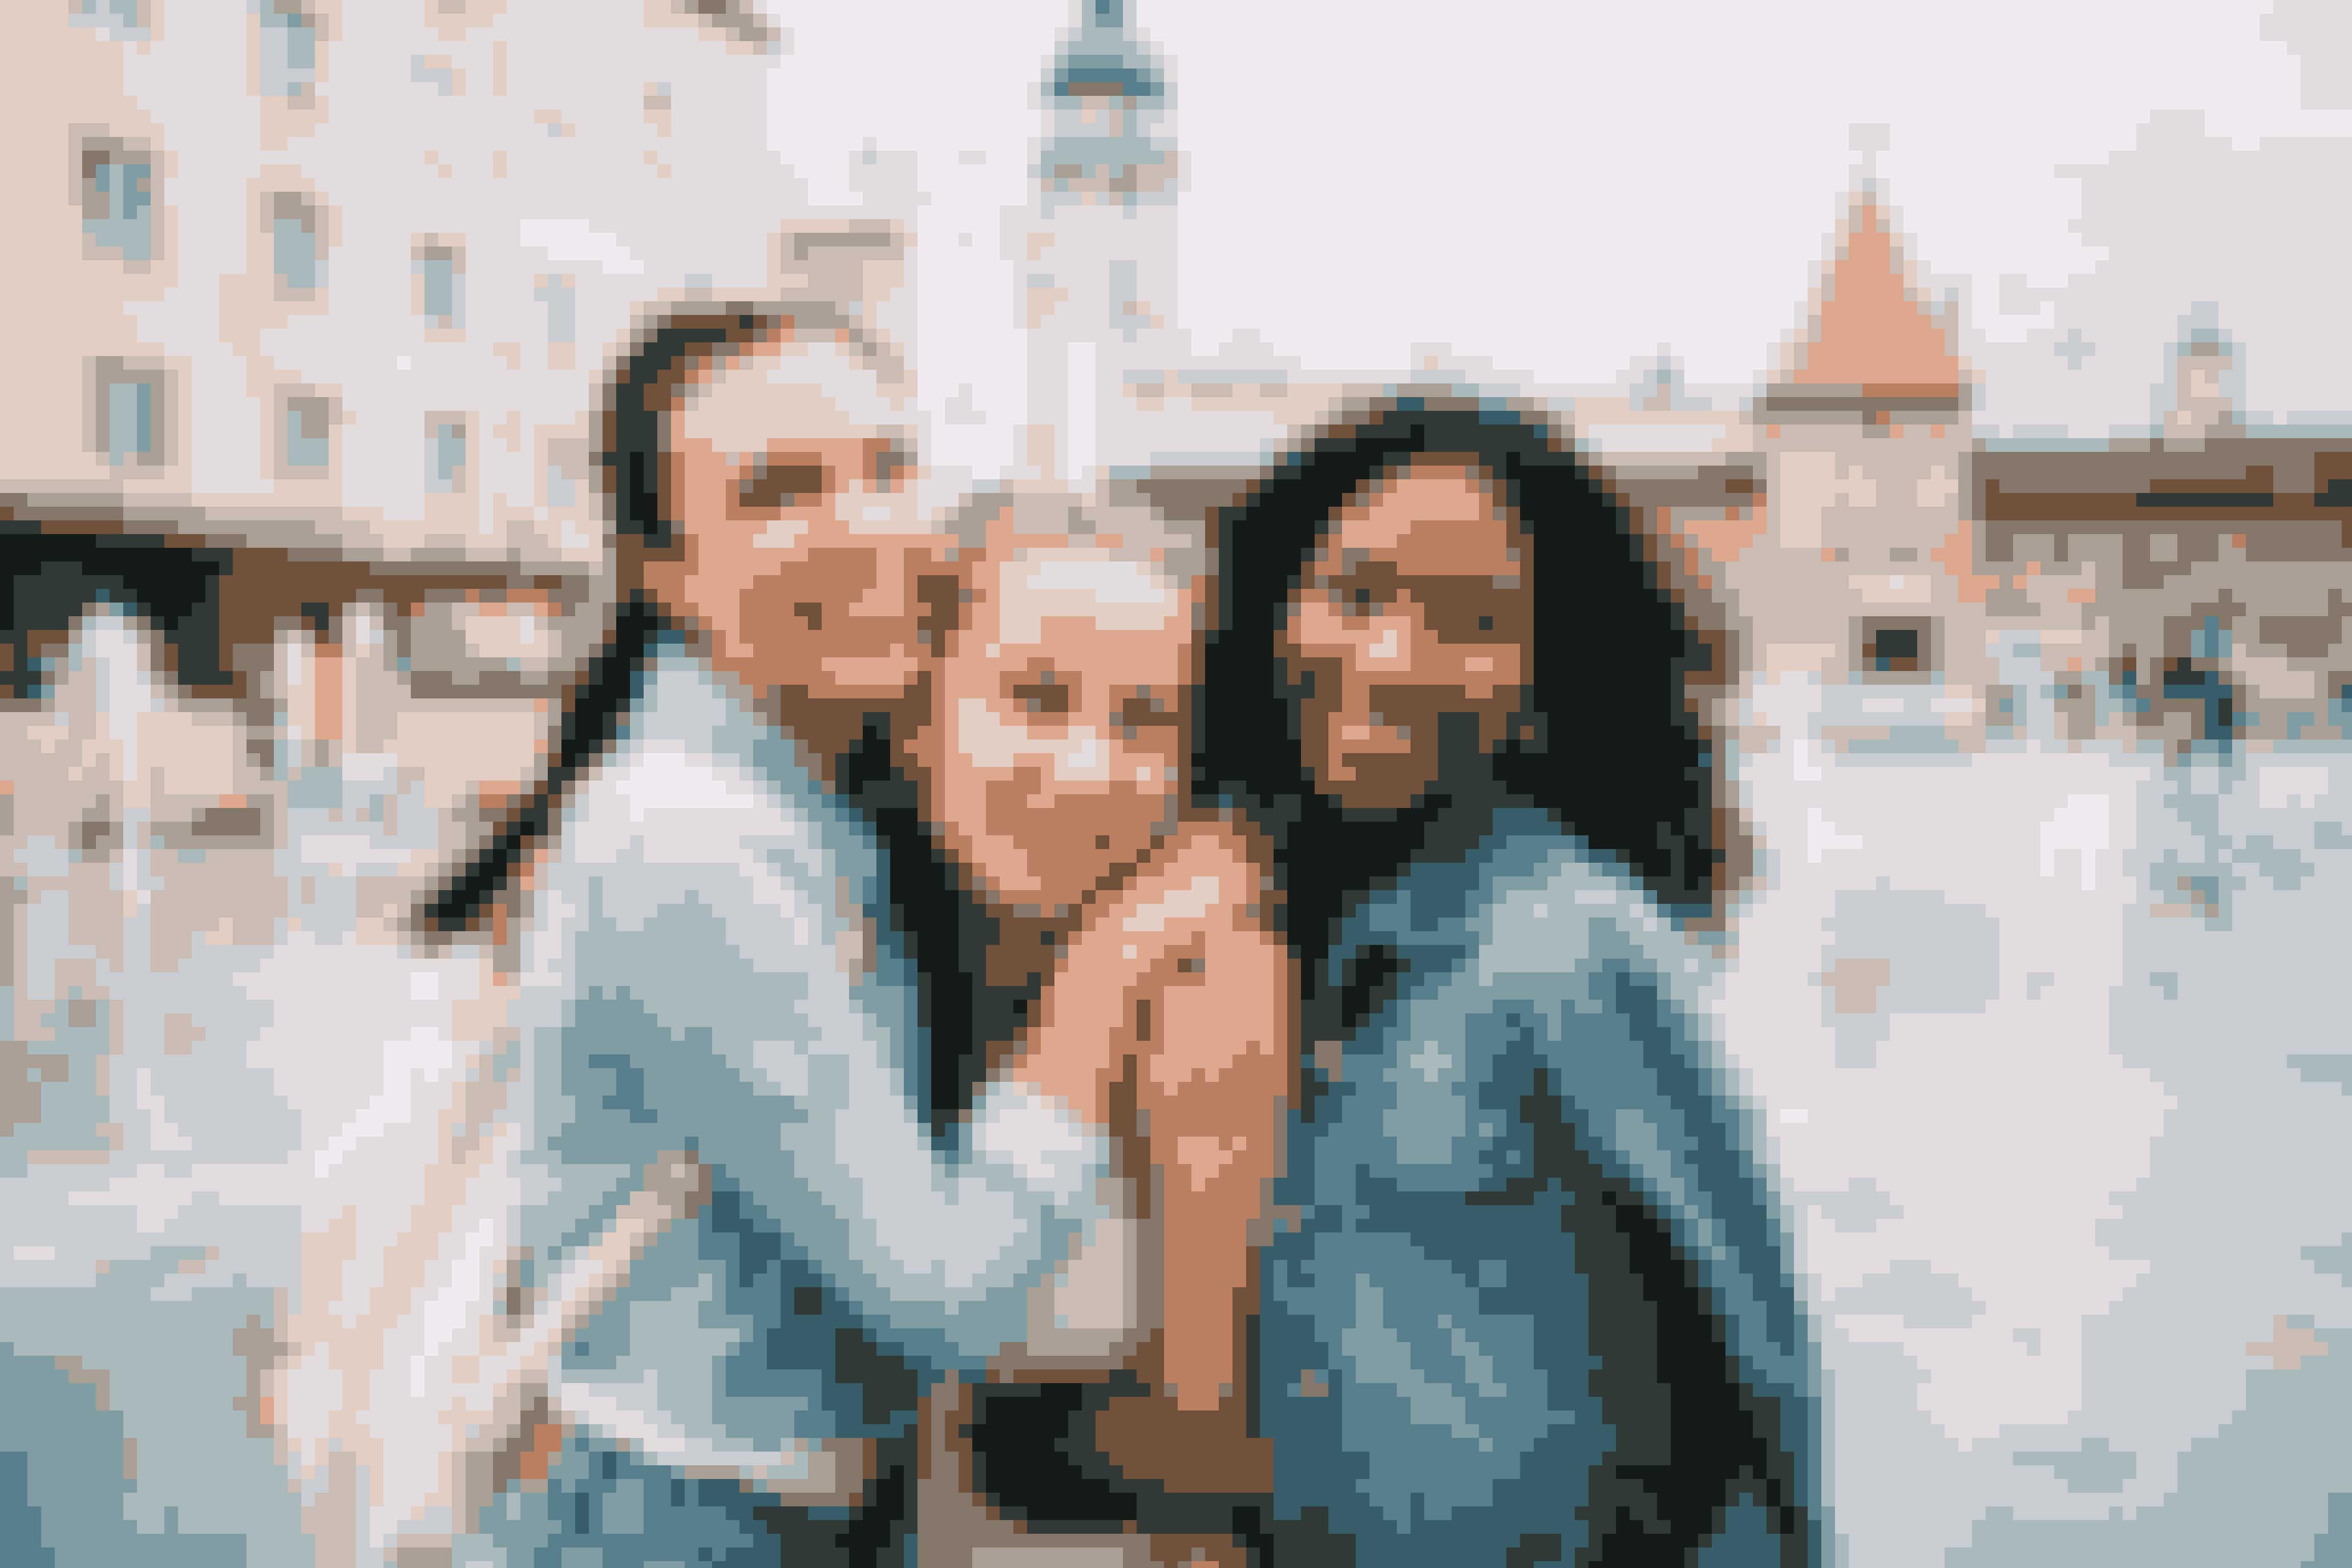 Venner giver sjovere oplevelserDet er altid lidt sjovere at opleve ting, når man oplever dem med andre. Når du oplever noget sjovt eller anderledes med dine venner, får I minder sammen. Bagefter kan I snakke om det, der er sket og grine af de sjove ting sammen.